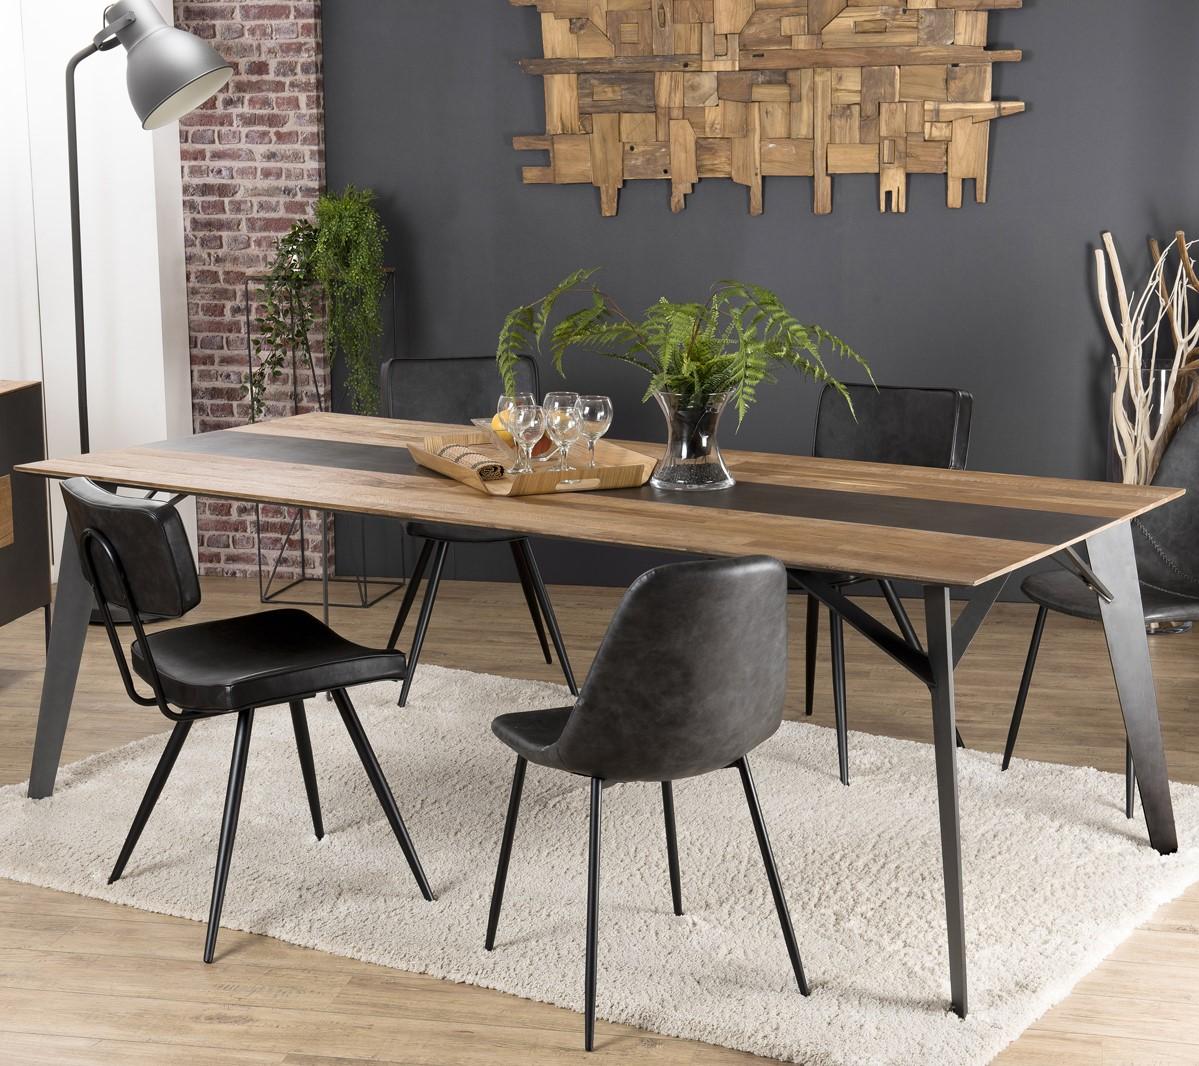 Table À Manger Industrielle table à manger industrielle teck recyclé 220x100 panama